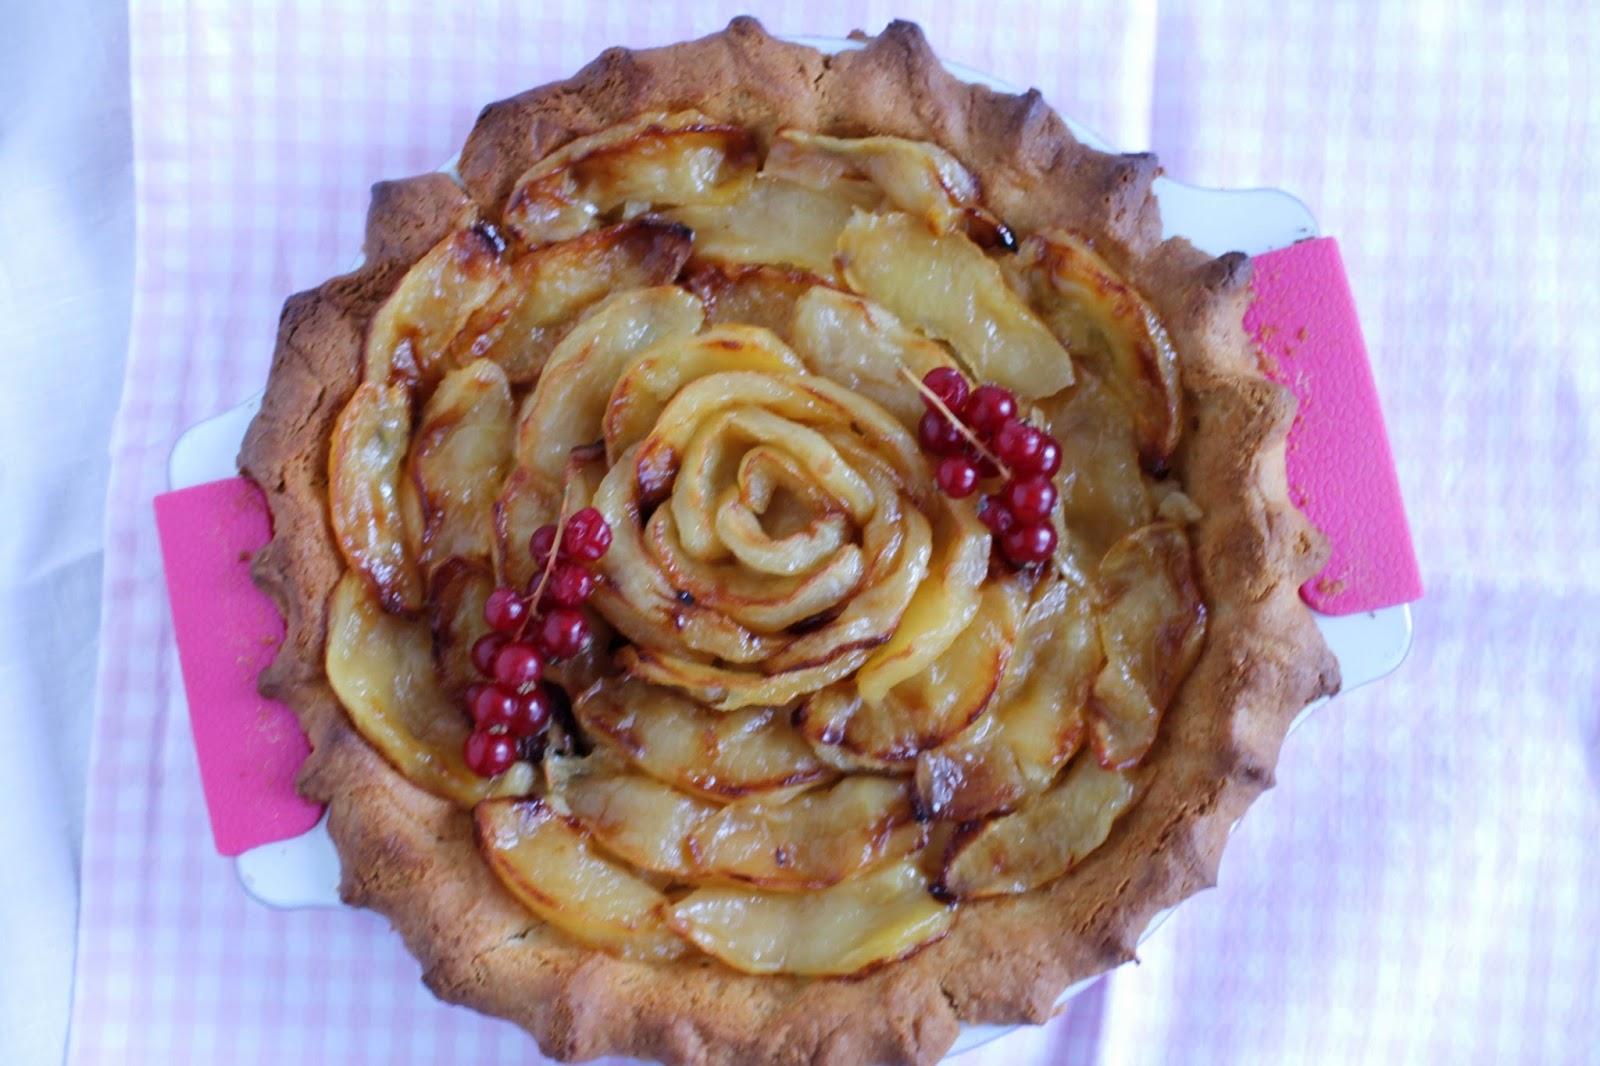 Receta Tarta de manzana caramelizada